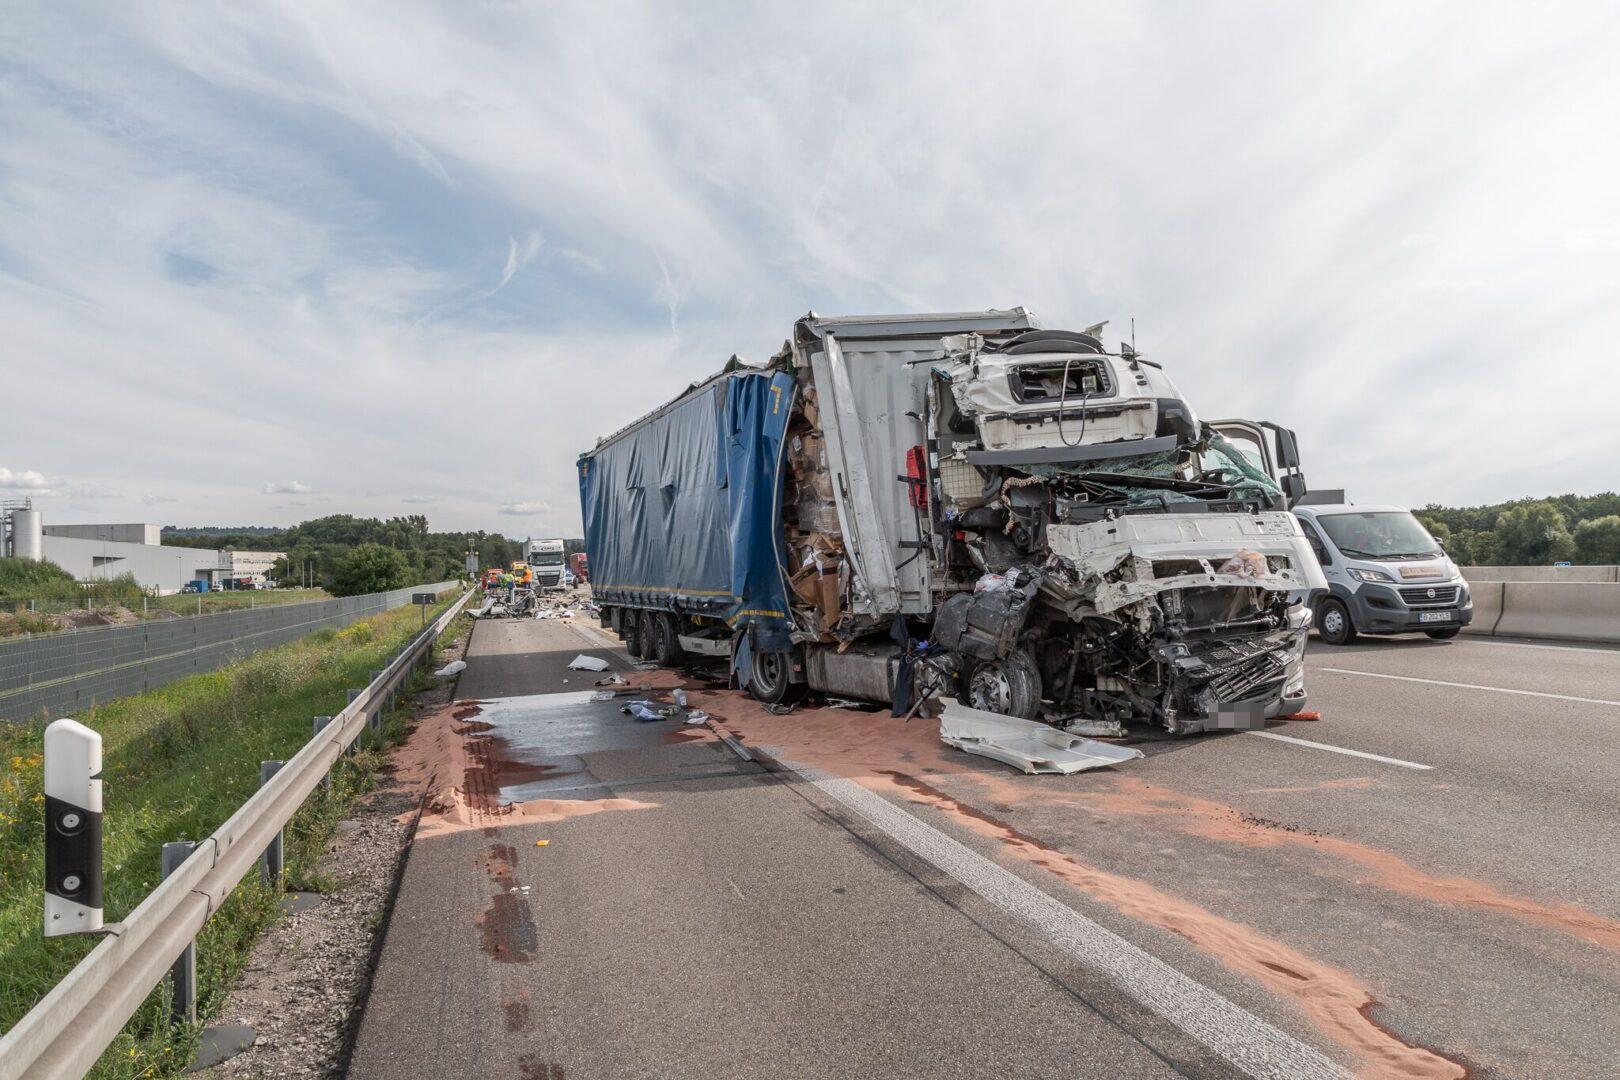 Ein LKW hat sich auf der A5 bei Bruchsal bei einem Unfall in den Vordermann verkeilt. Foto: Aaron Klewer